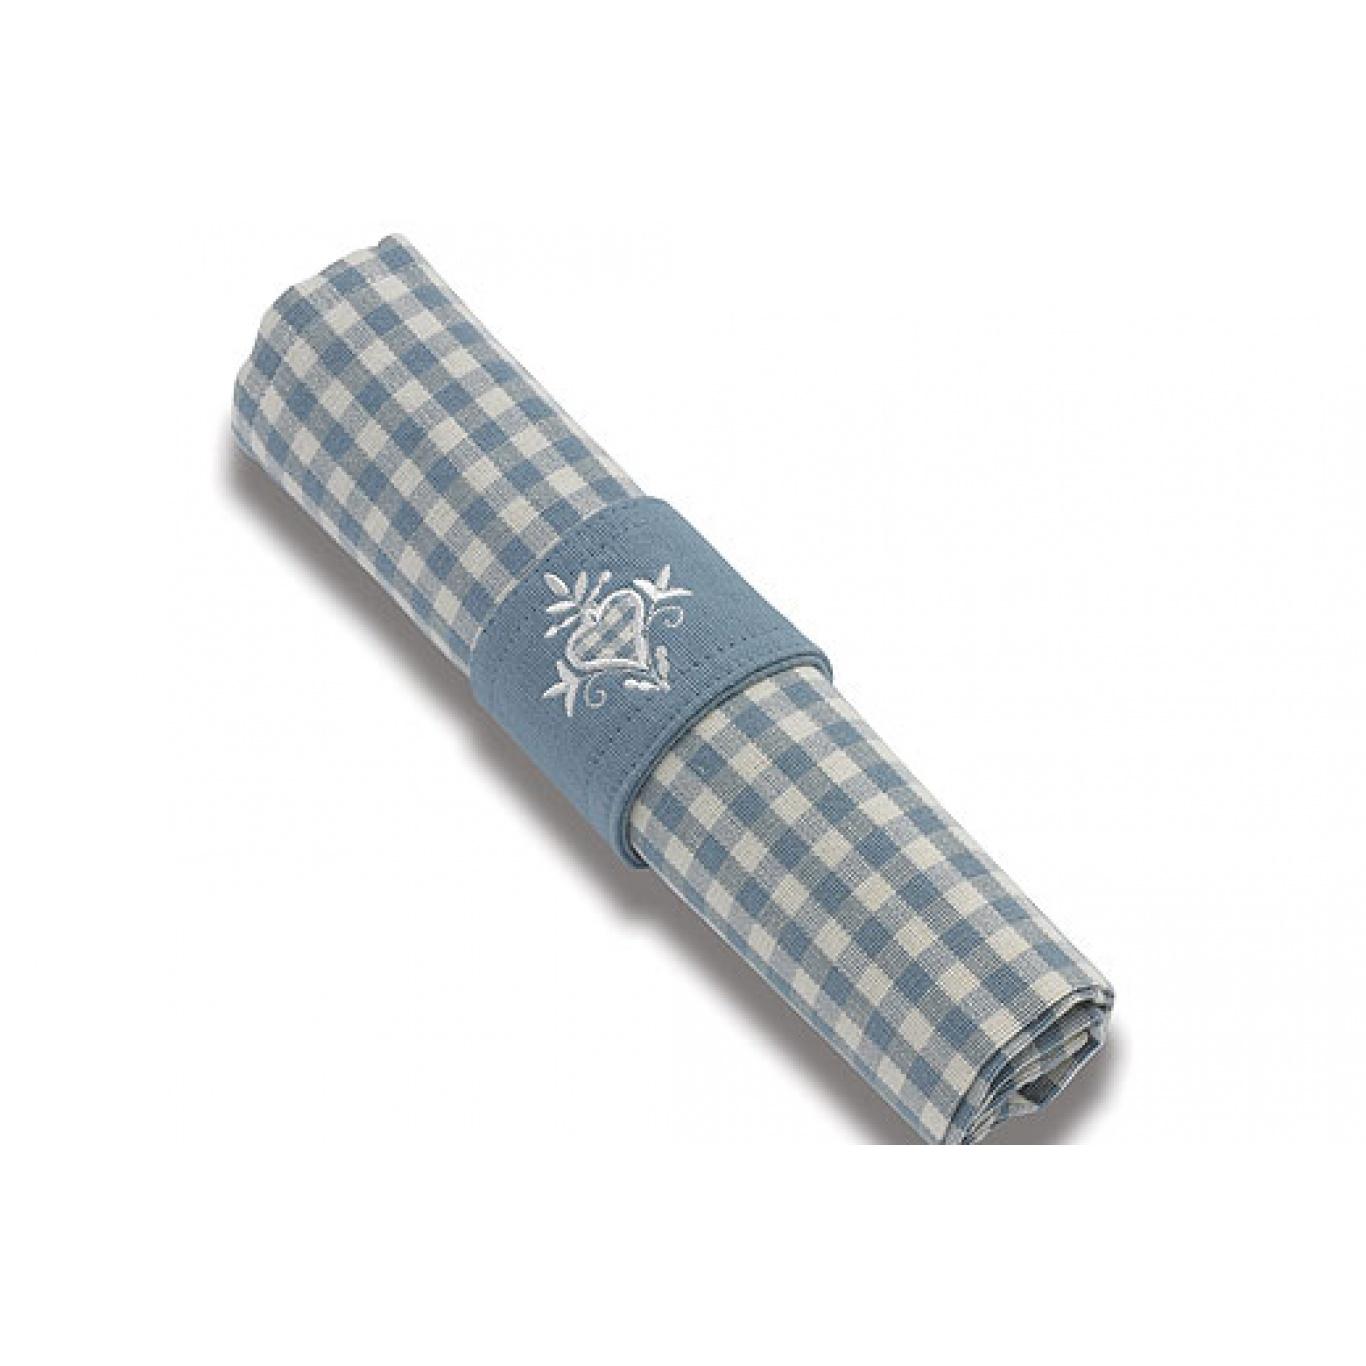 Image of Auberge Wedgwood Blue Check Napkins set of 4